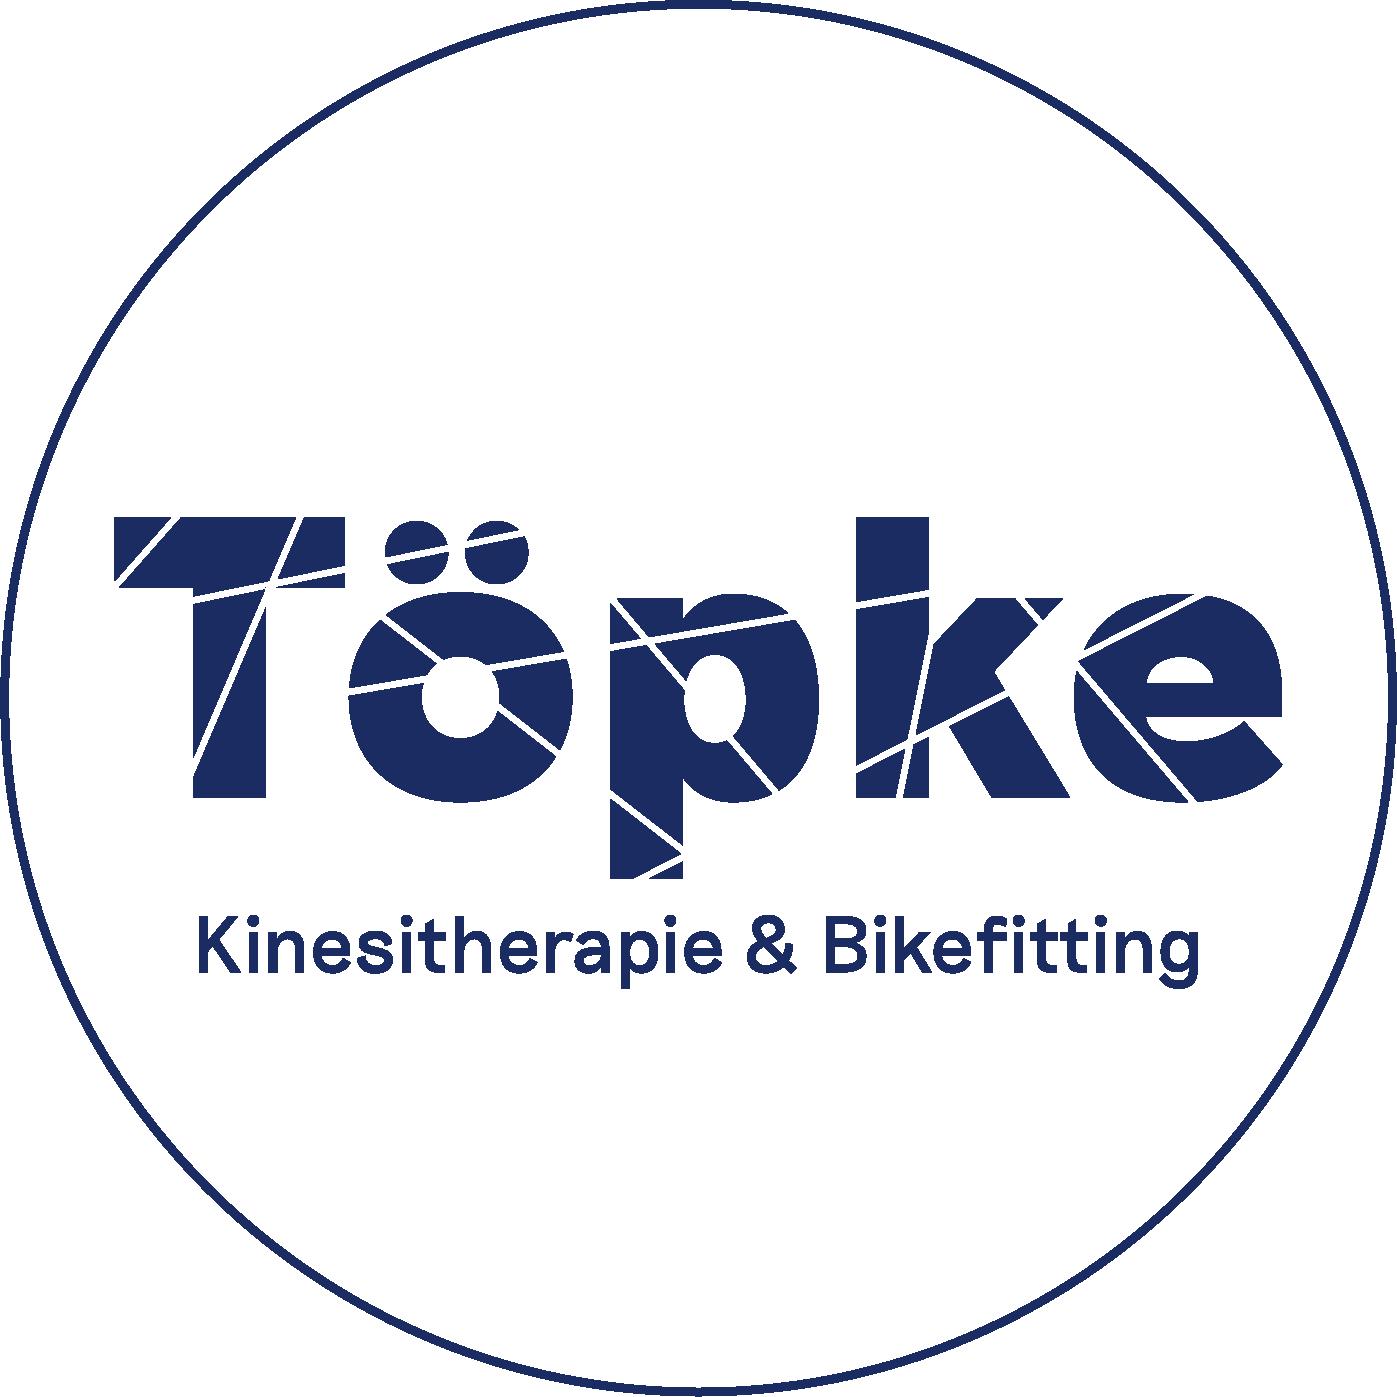 Töpke Kinesitherapie & Bikefitting